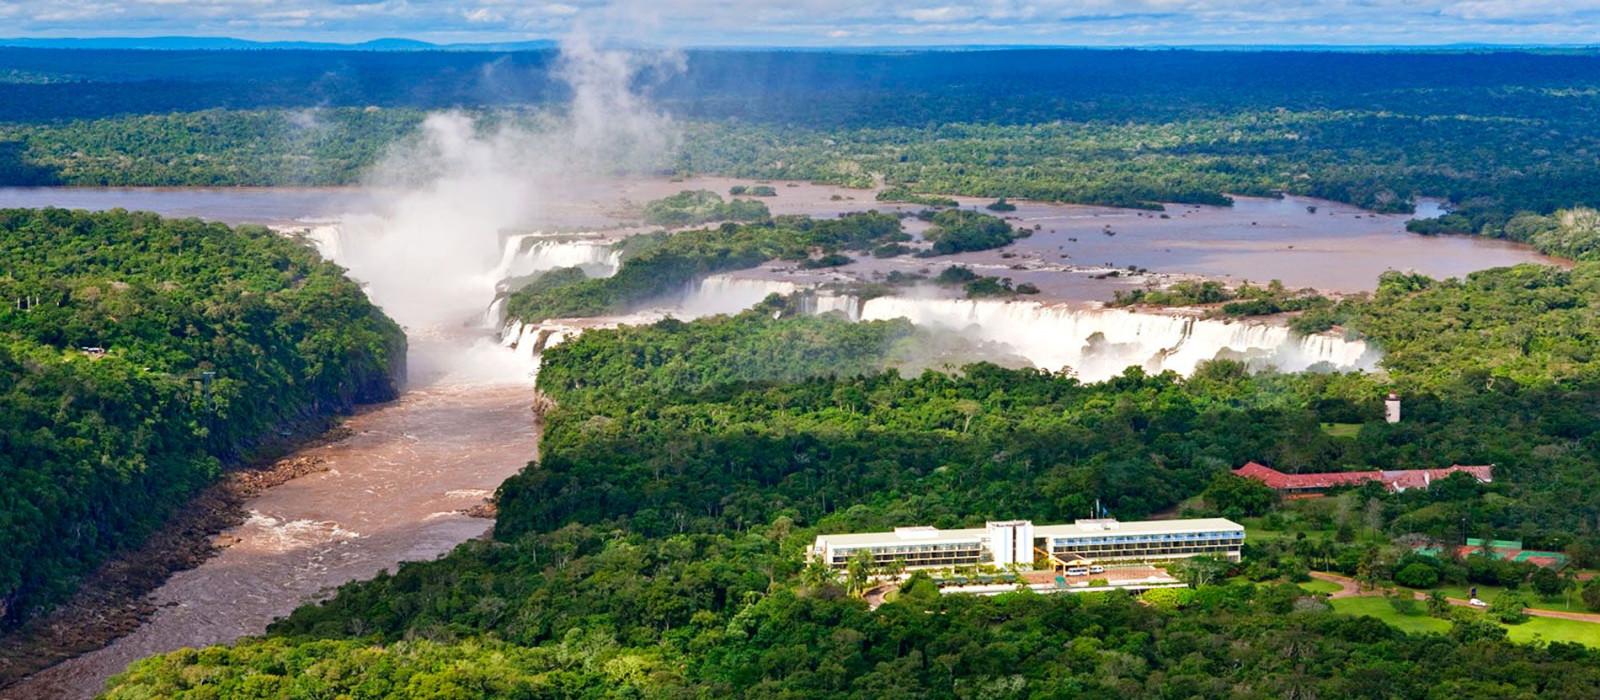 Hotel Meliá Iguazú Argentinien